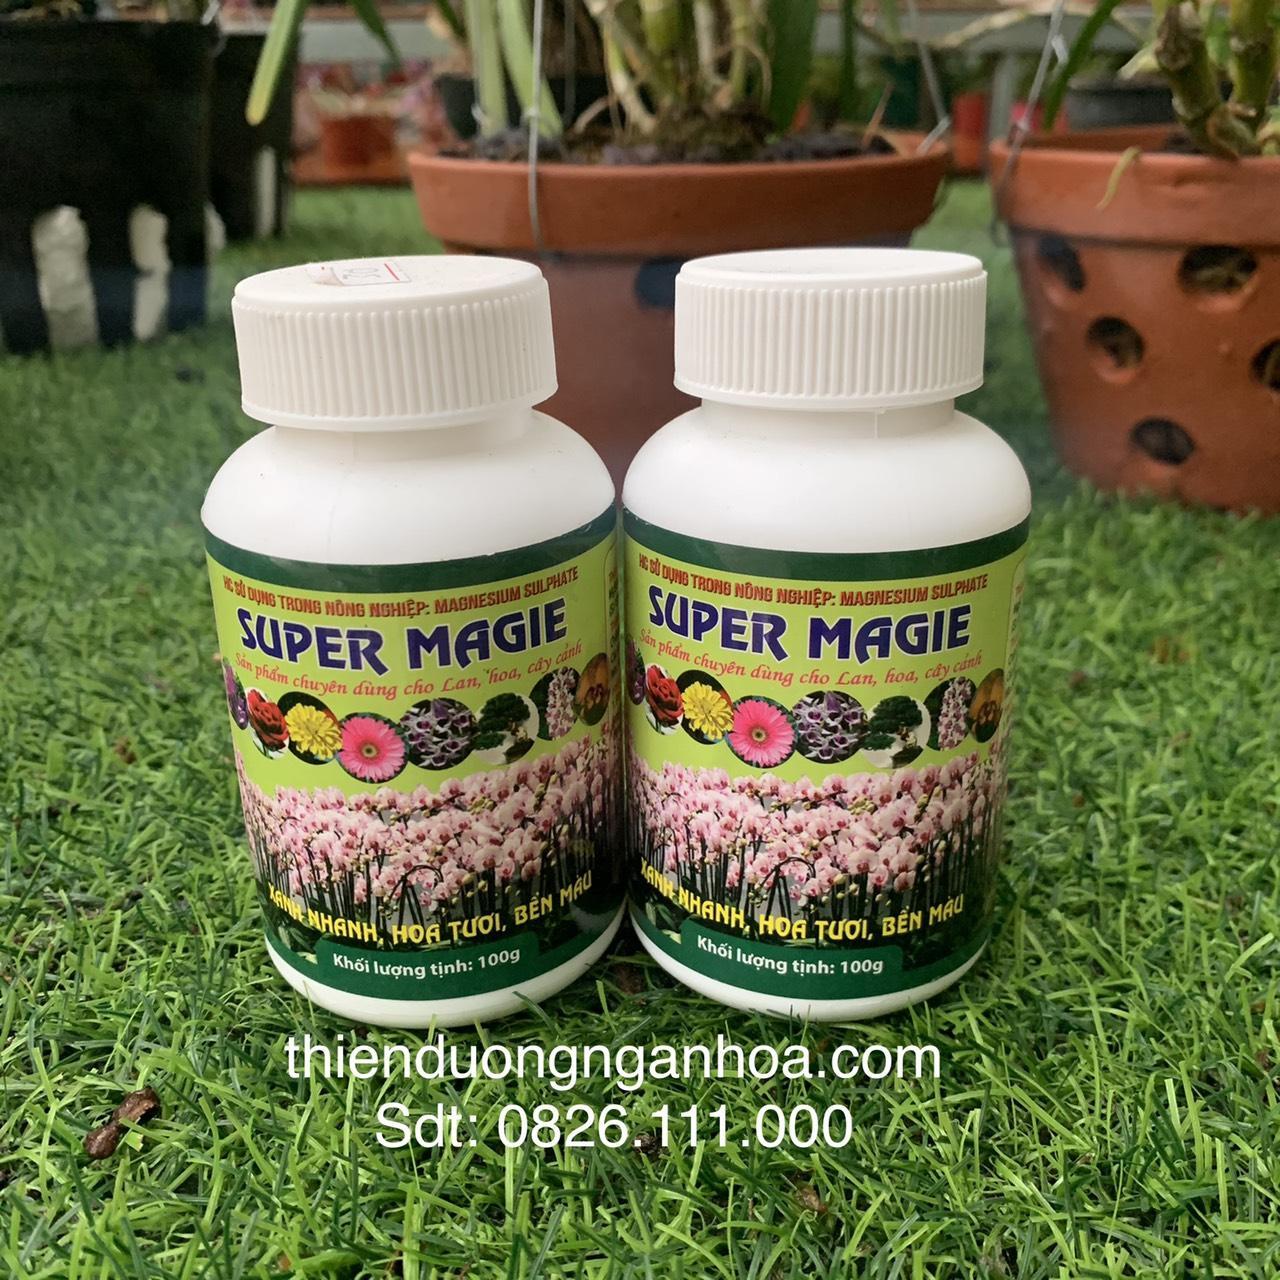 Bán phân bón Super Magie xanh lá cho lan và các loại cây tại Hà Nội